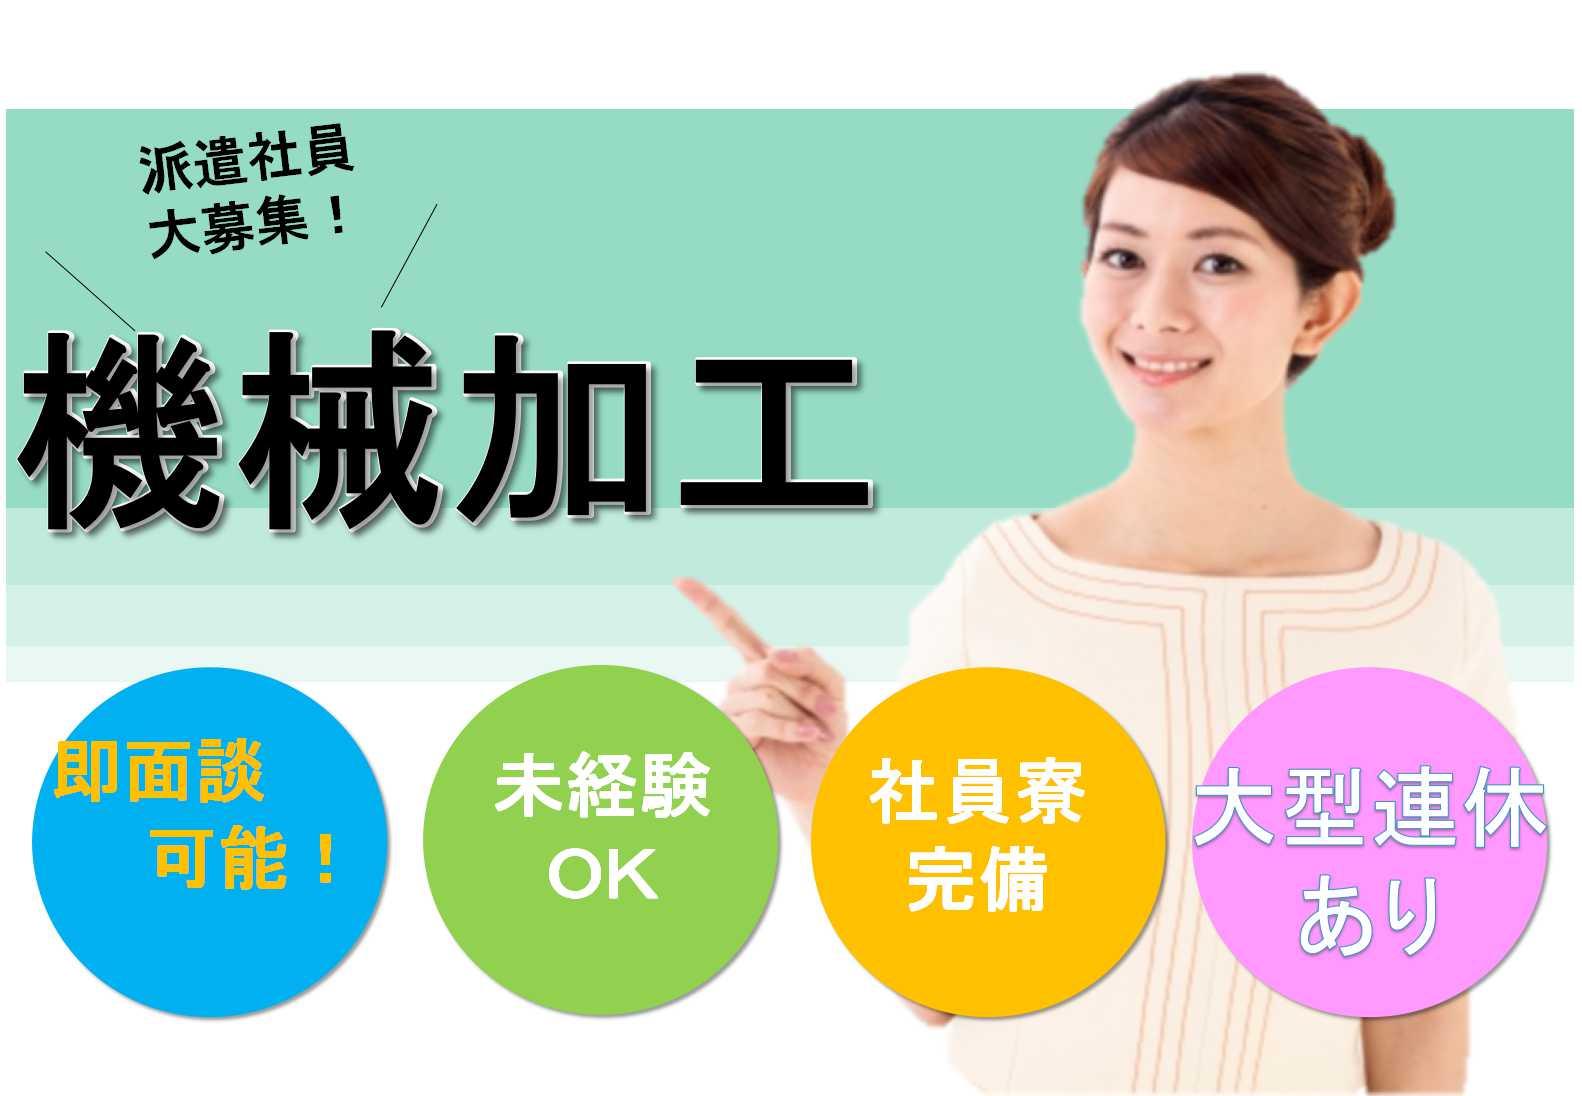 【新潟県新潟市】1月限定キャンペーンあり♪未経験OK!機械加工【即面談可能】 イメージ